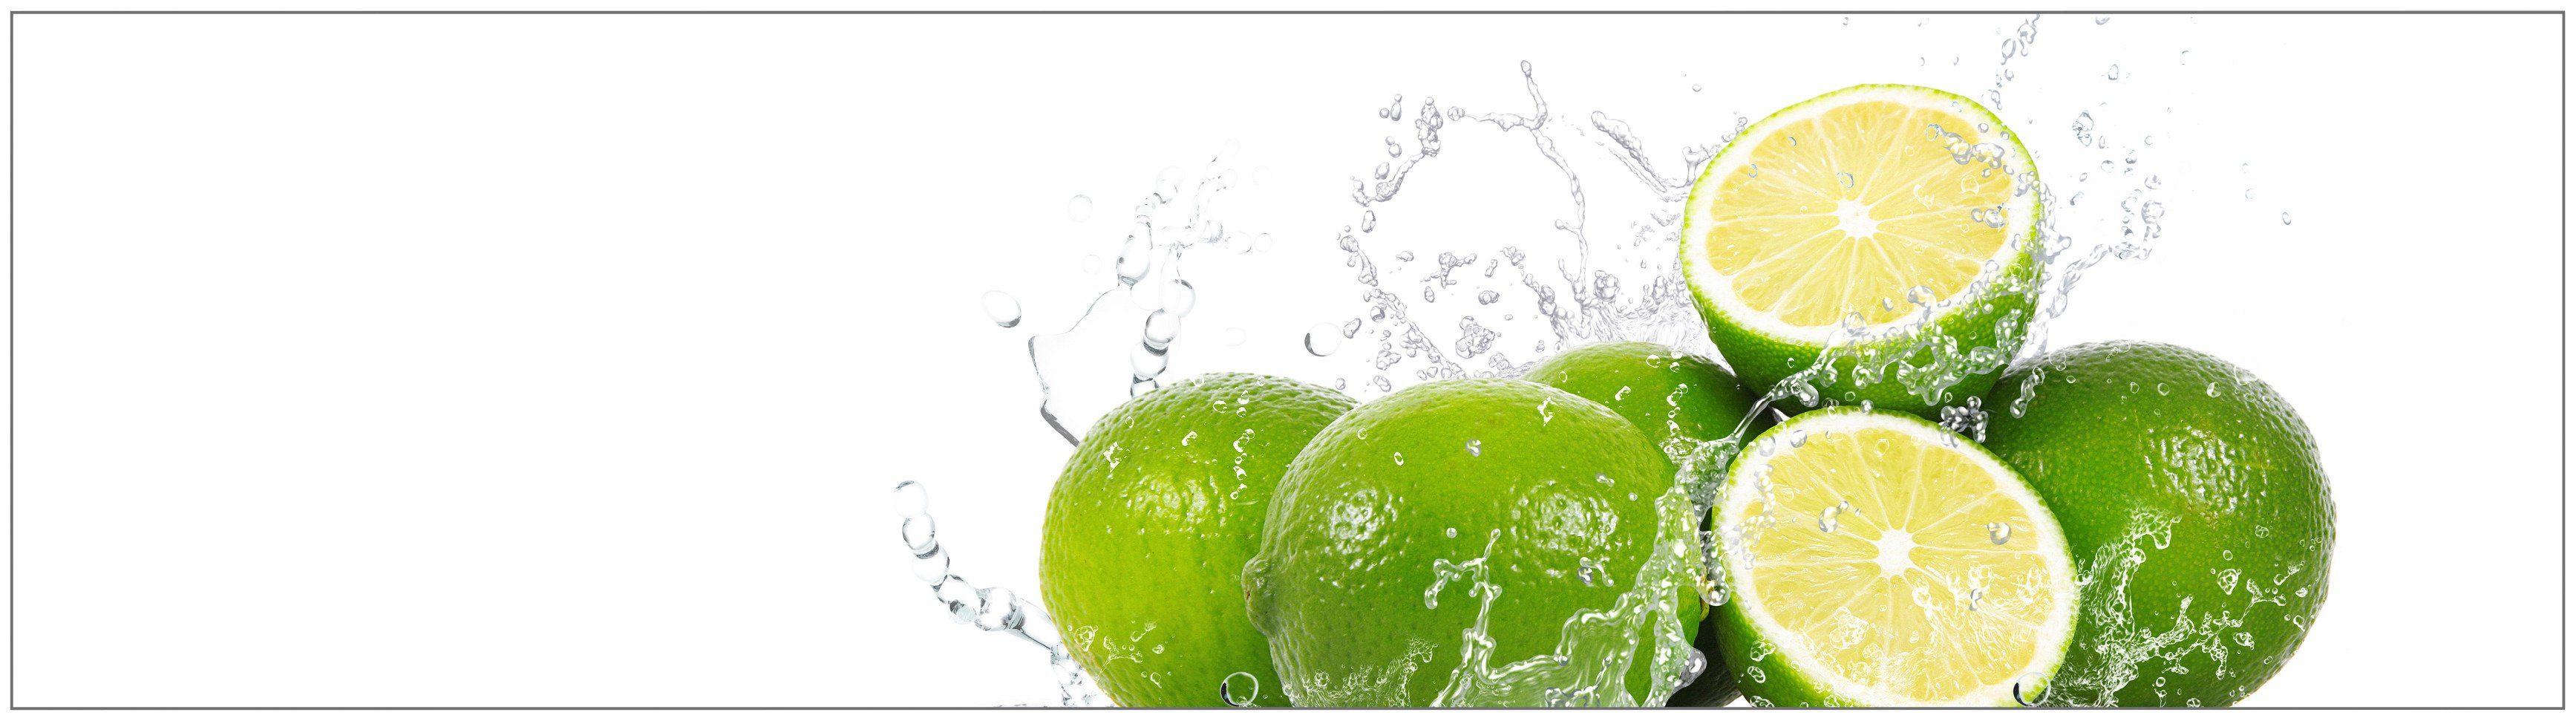 Küchenrückwand - Spritzschutz »profix«, Aqua-Limette, 220x60 cm